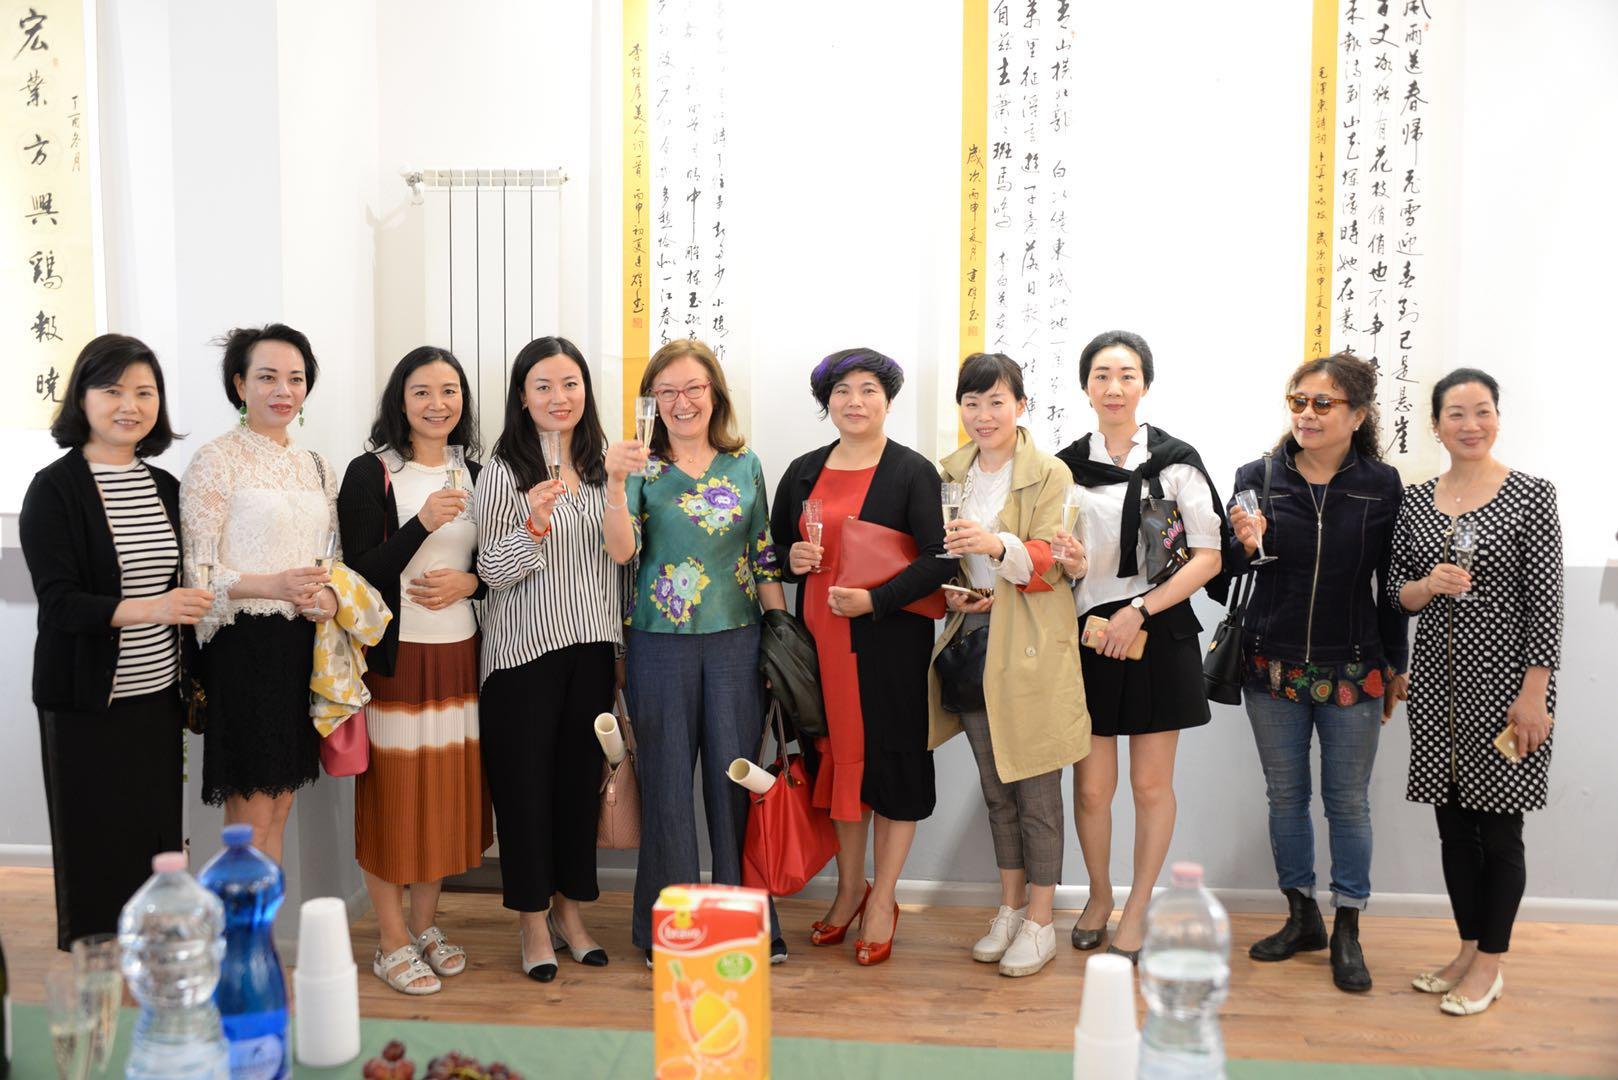 """""""中国梦与你我同在""""周建煌书法展暨作品慈善公益拍卖会在米兰成功举办 ..."""